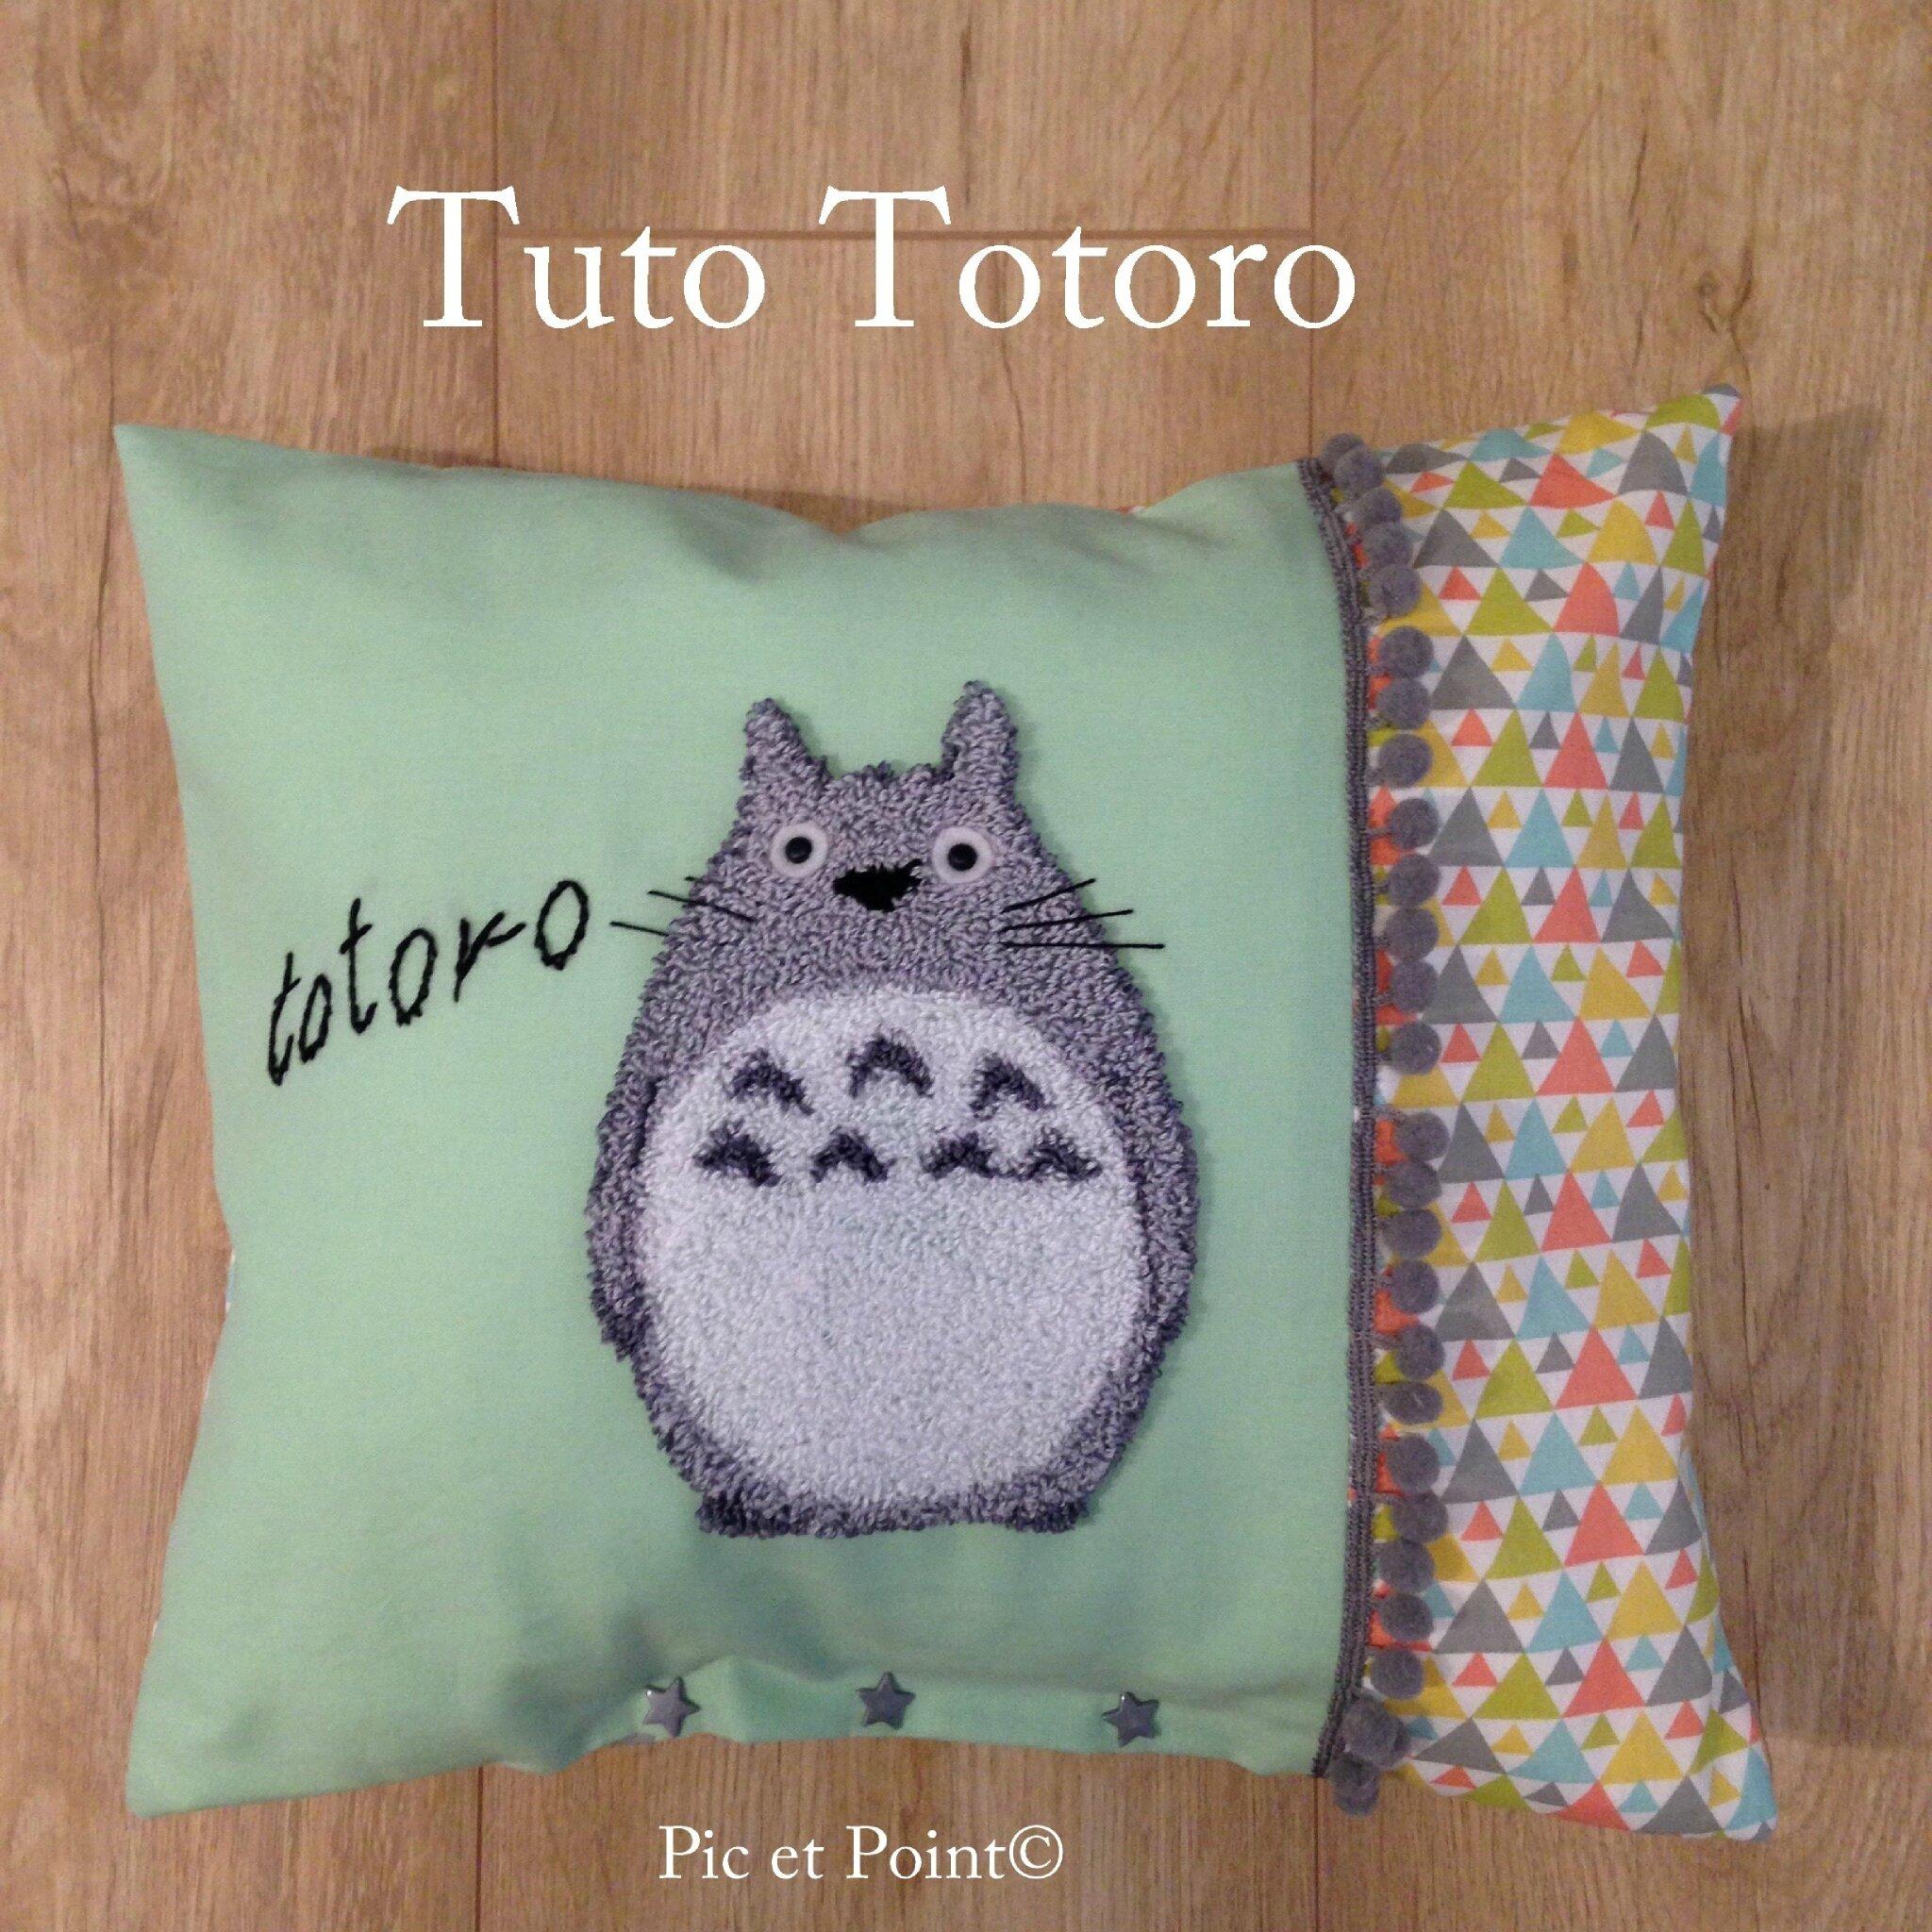 Tuto Totoro Punch Needle ...